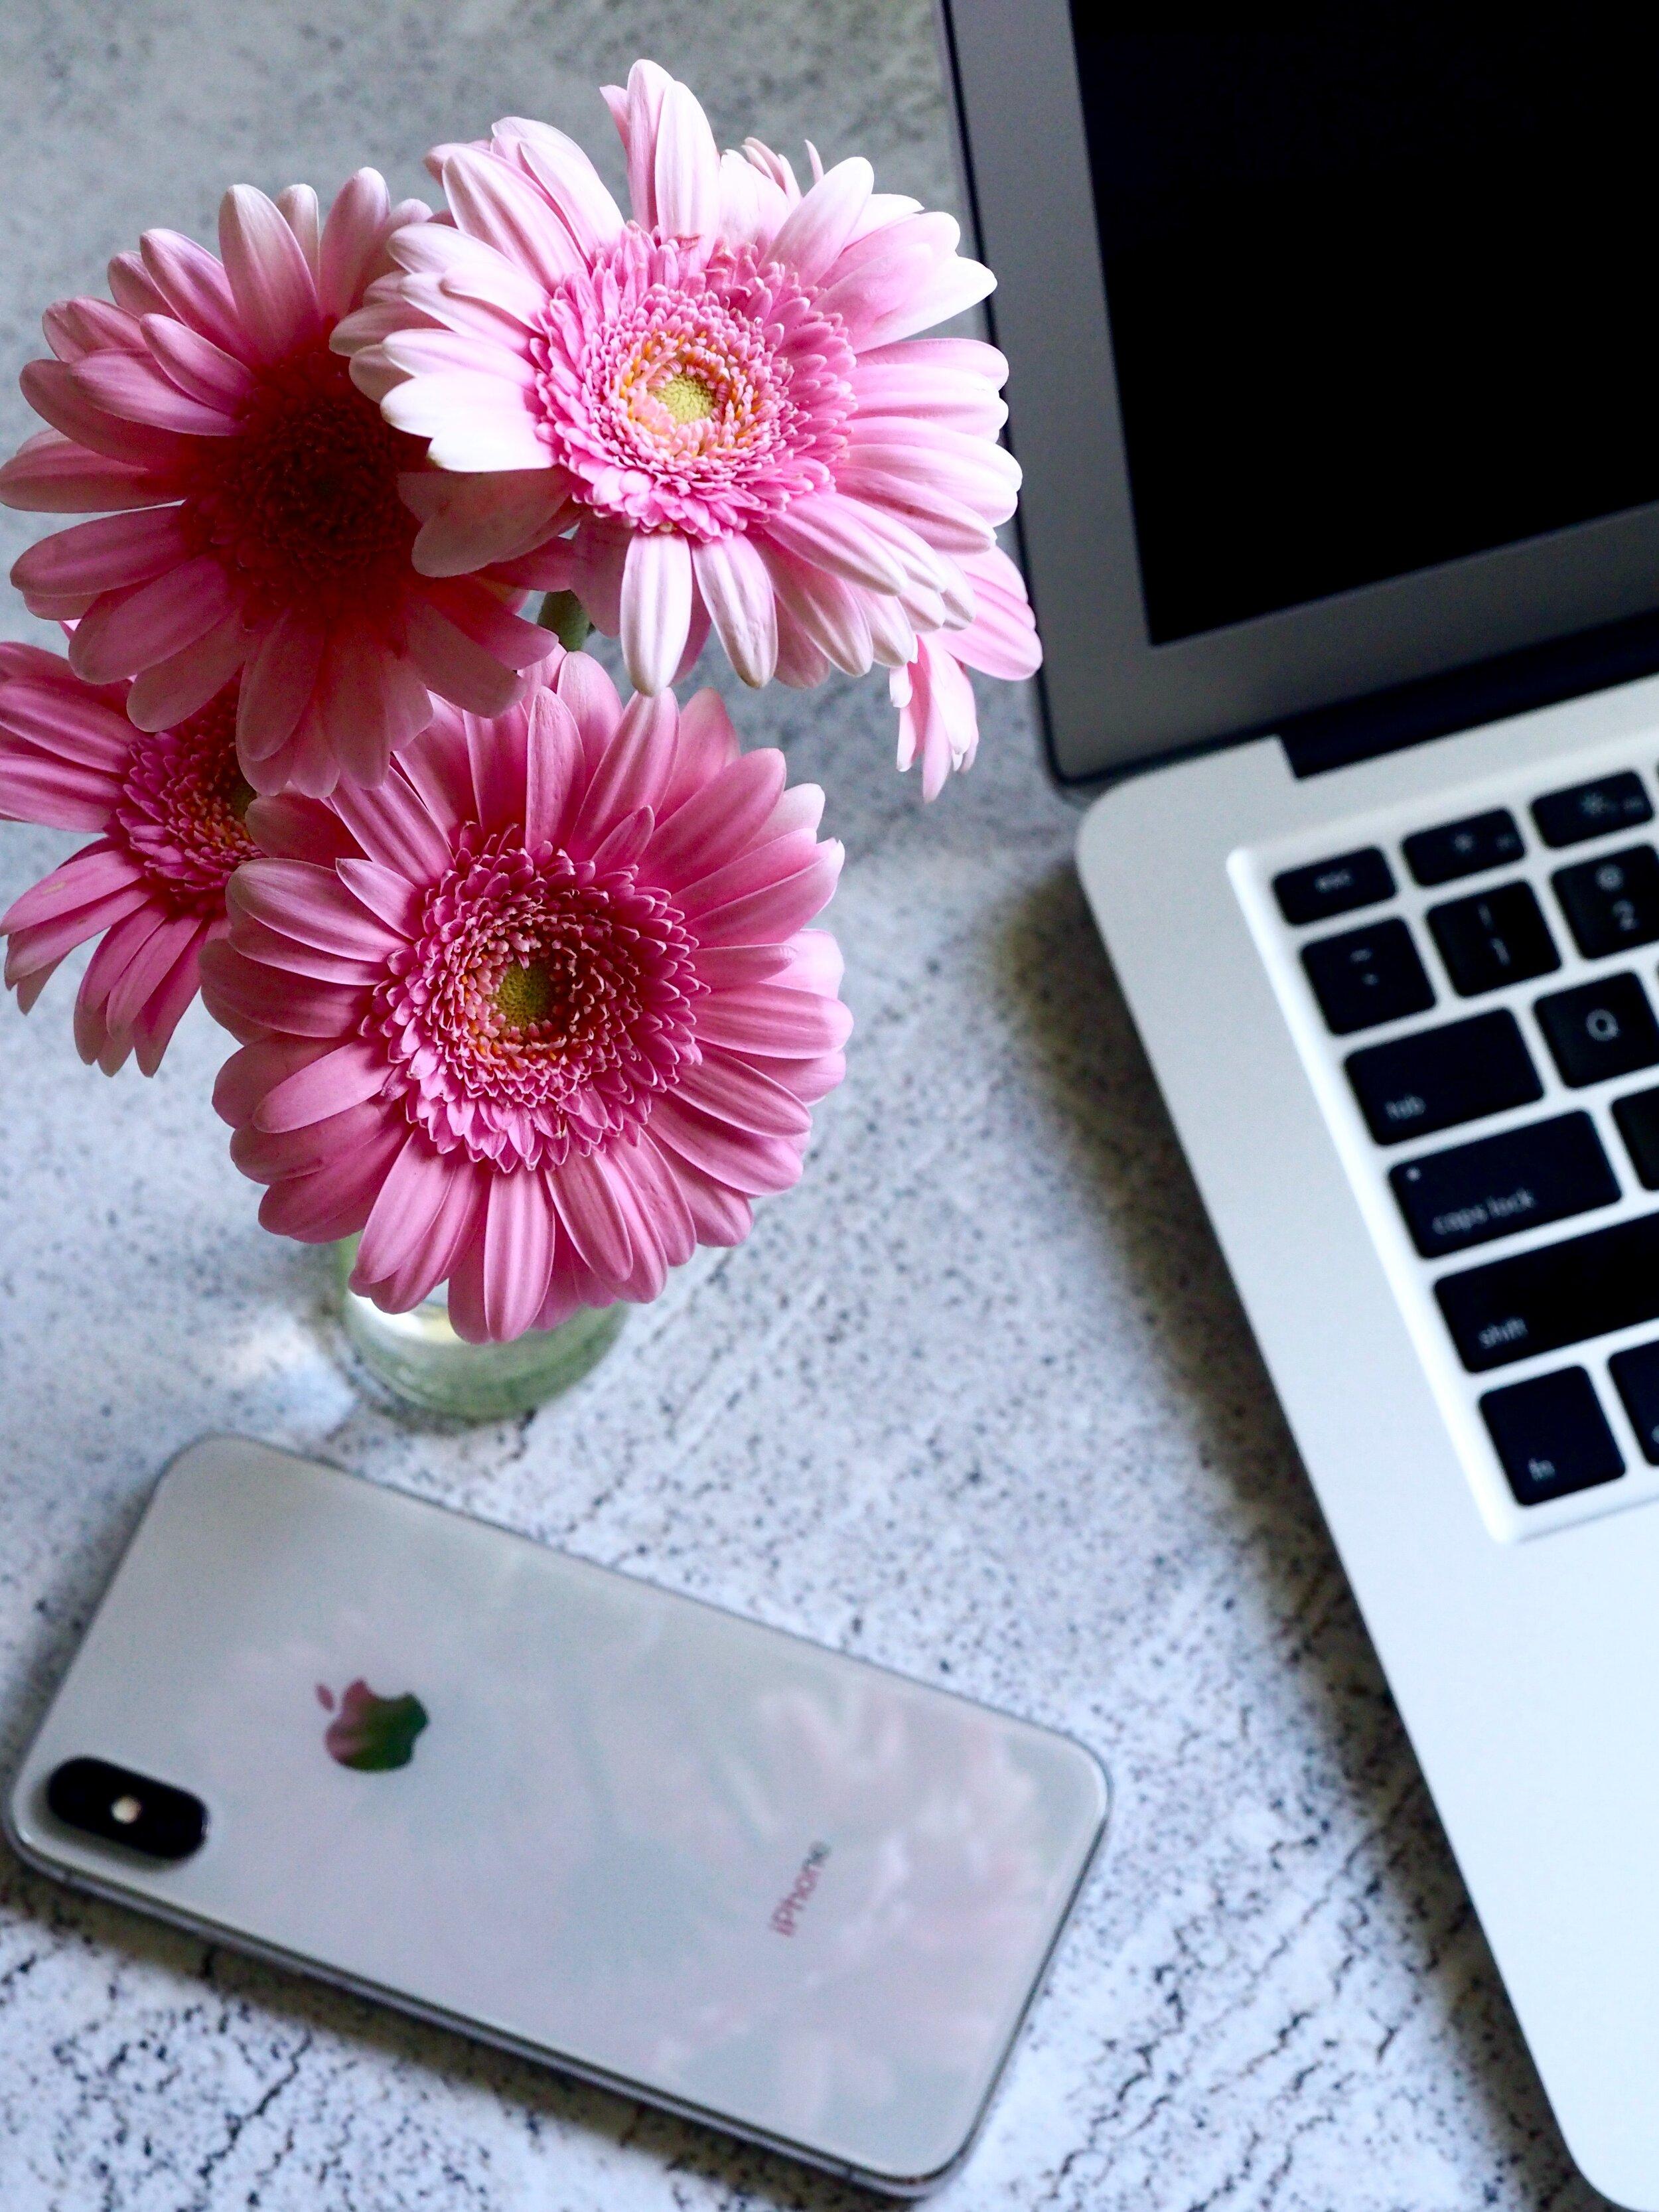 apple-bloom-blooming-850360.jpg